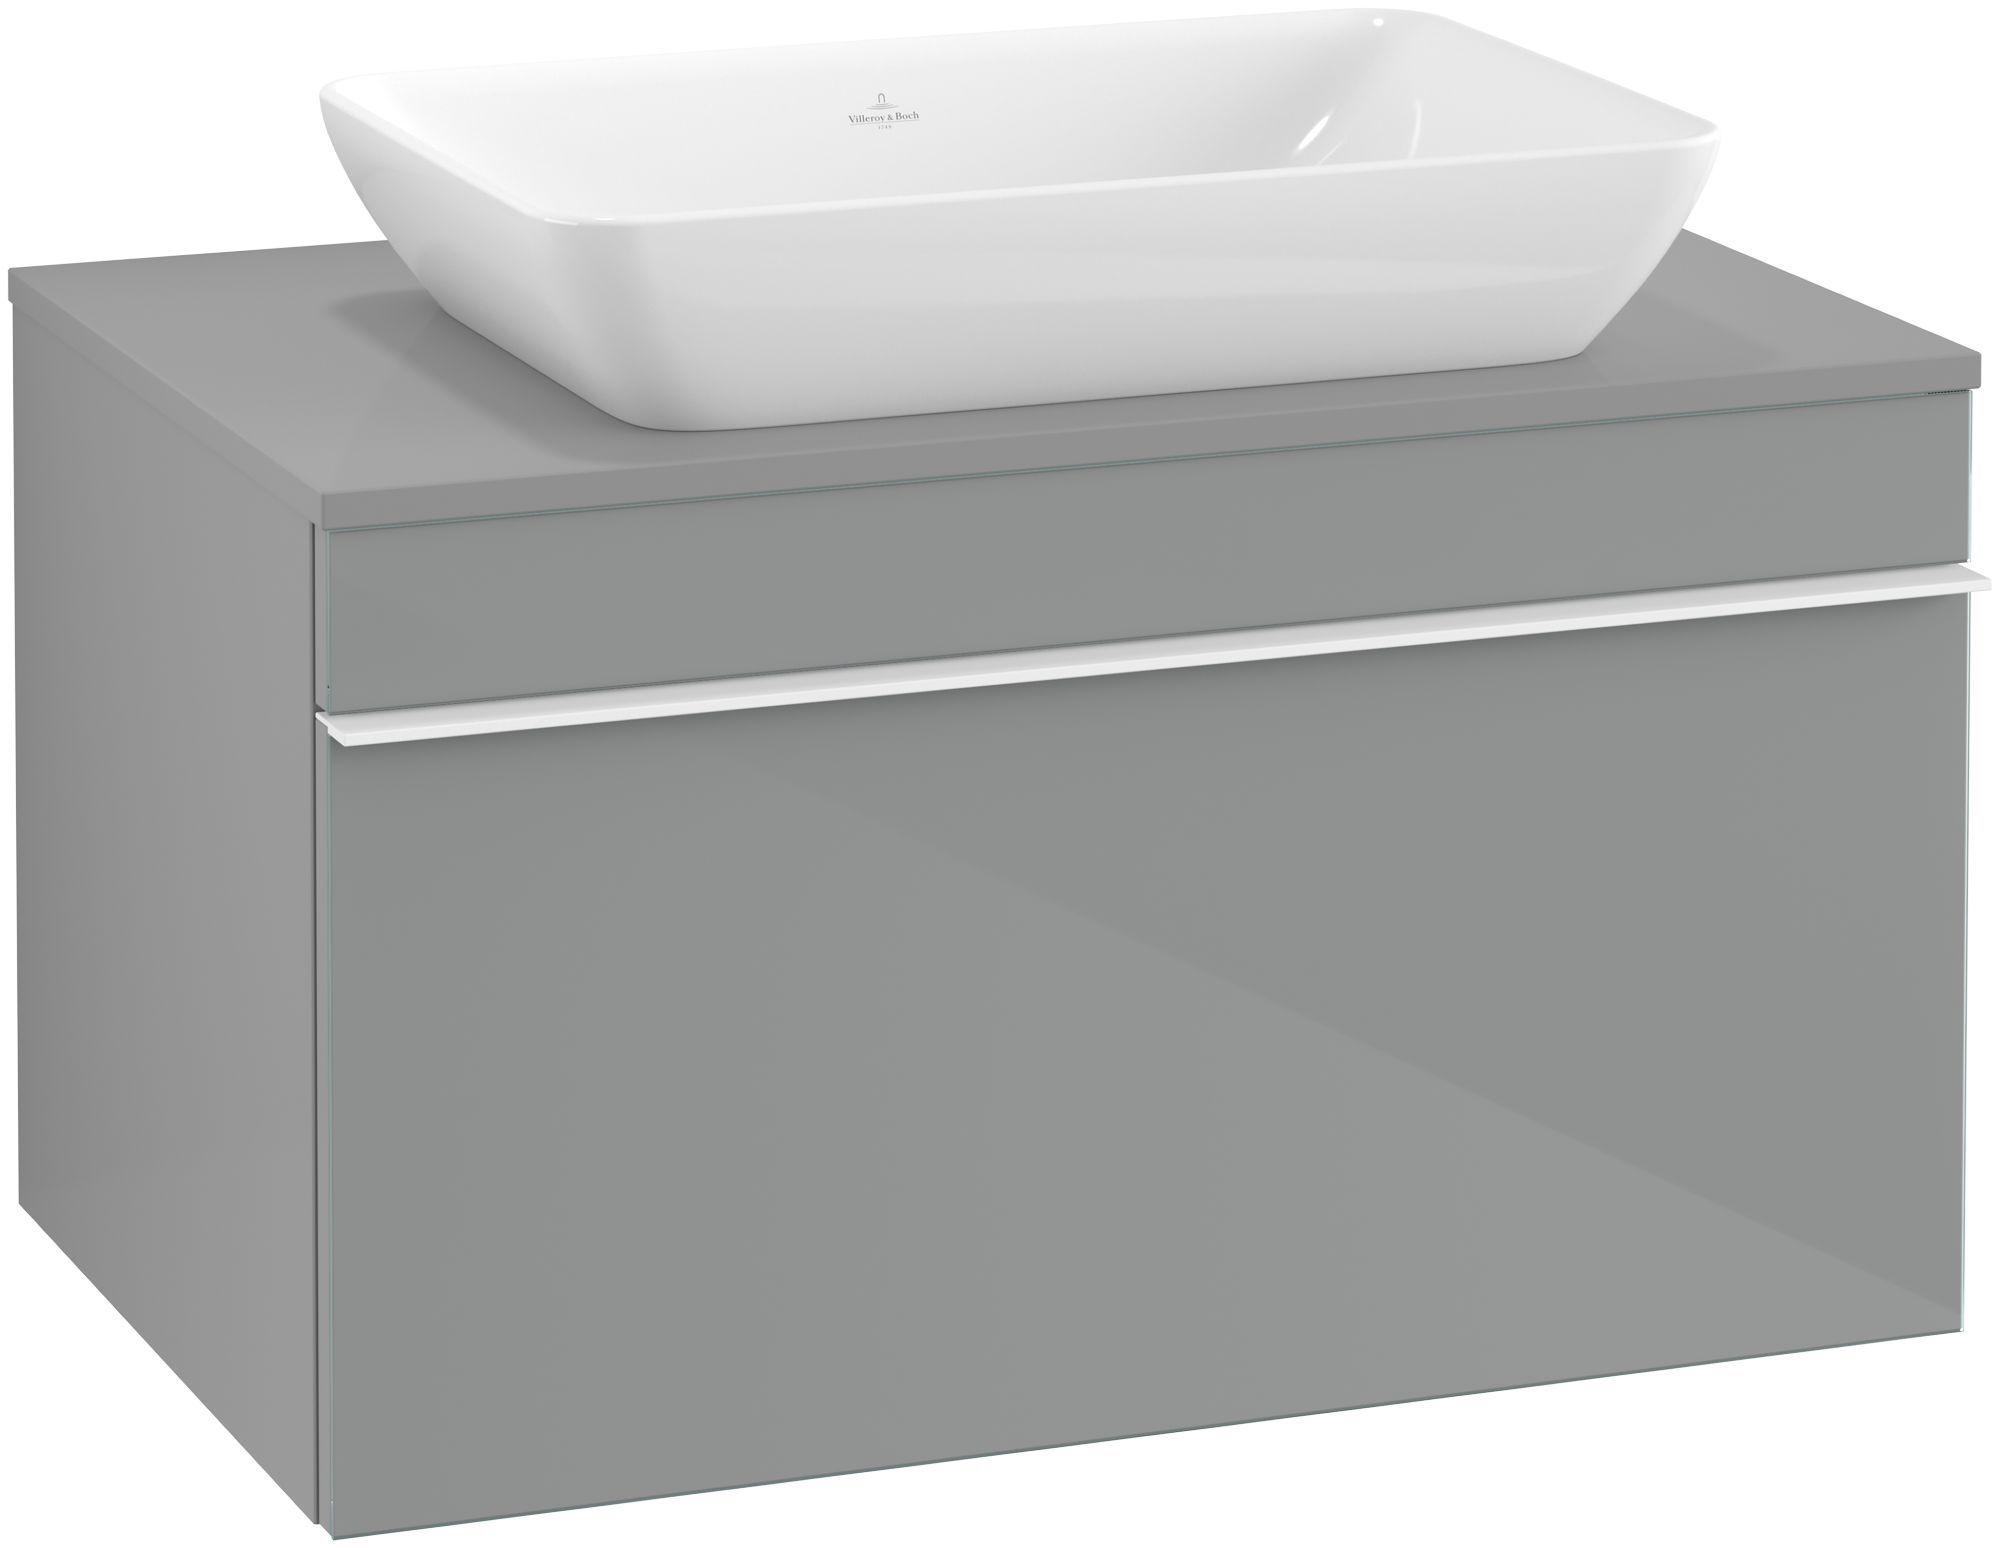 Villeroy & Boch Venticello Waschtischunterschrank für Waschtisch mittig 1 Auszug B:75,7xH:43,6xT:50,2cm Glas glossy grey Griffe white Griffe weiß A94502RA